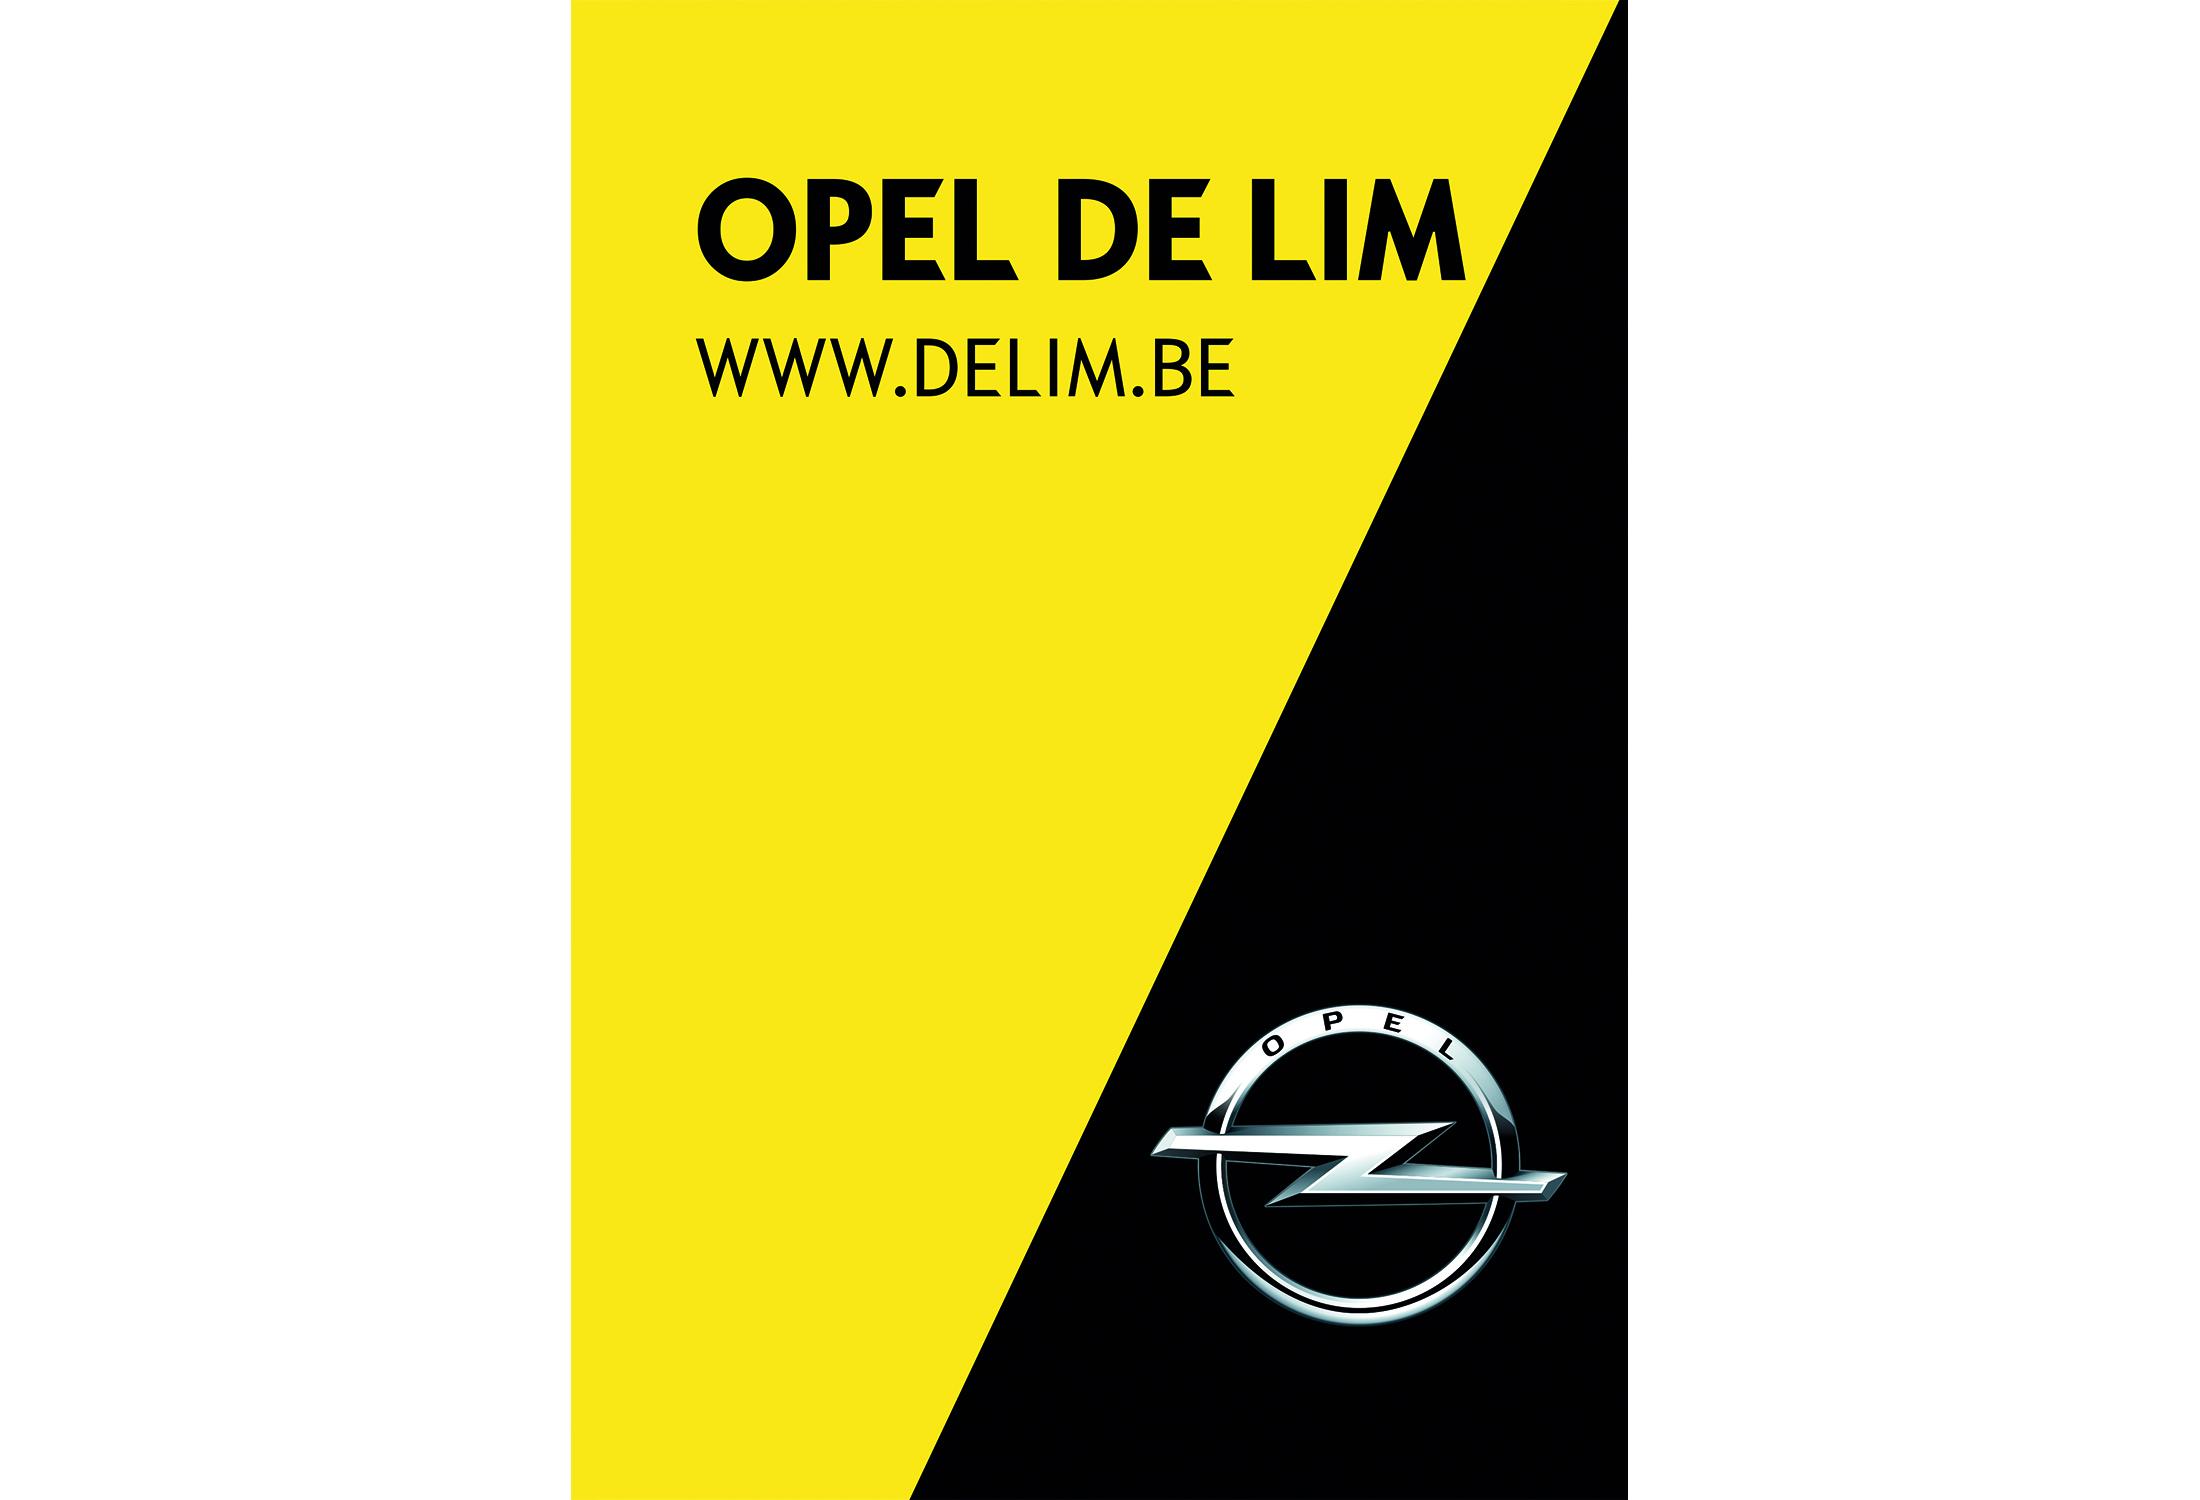 Opel De Lim.jpg